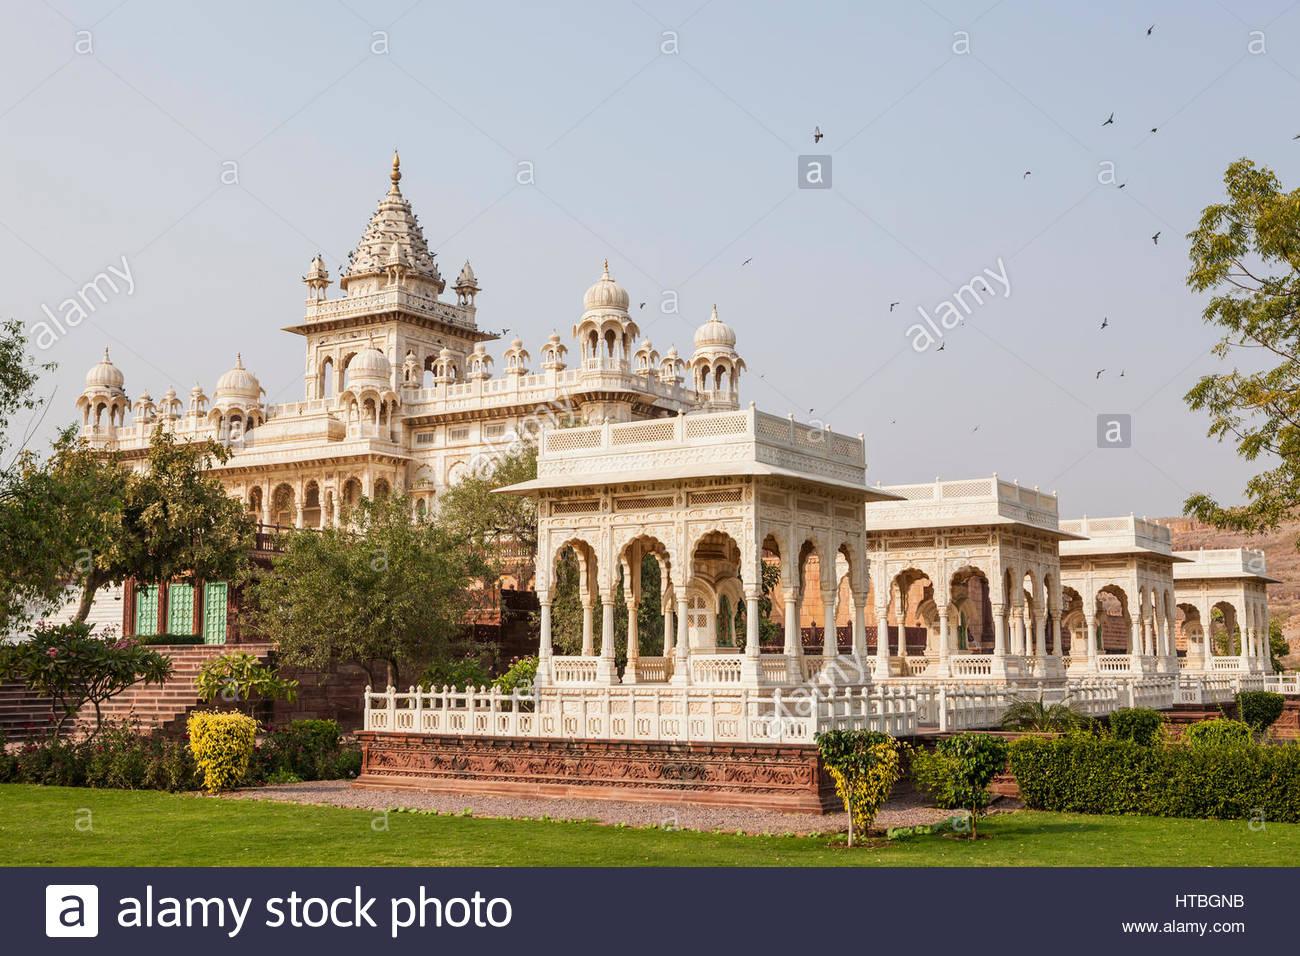 Jaswant Thada un monumento commemorativo e s in Jodhpur, Rajasthan, India. Immagini Stock